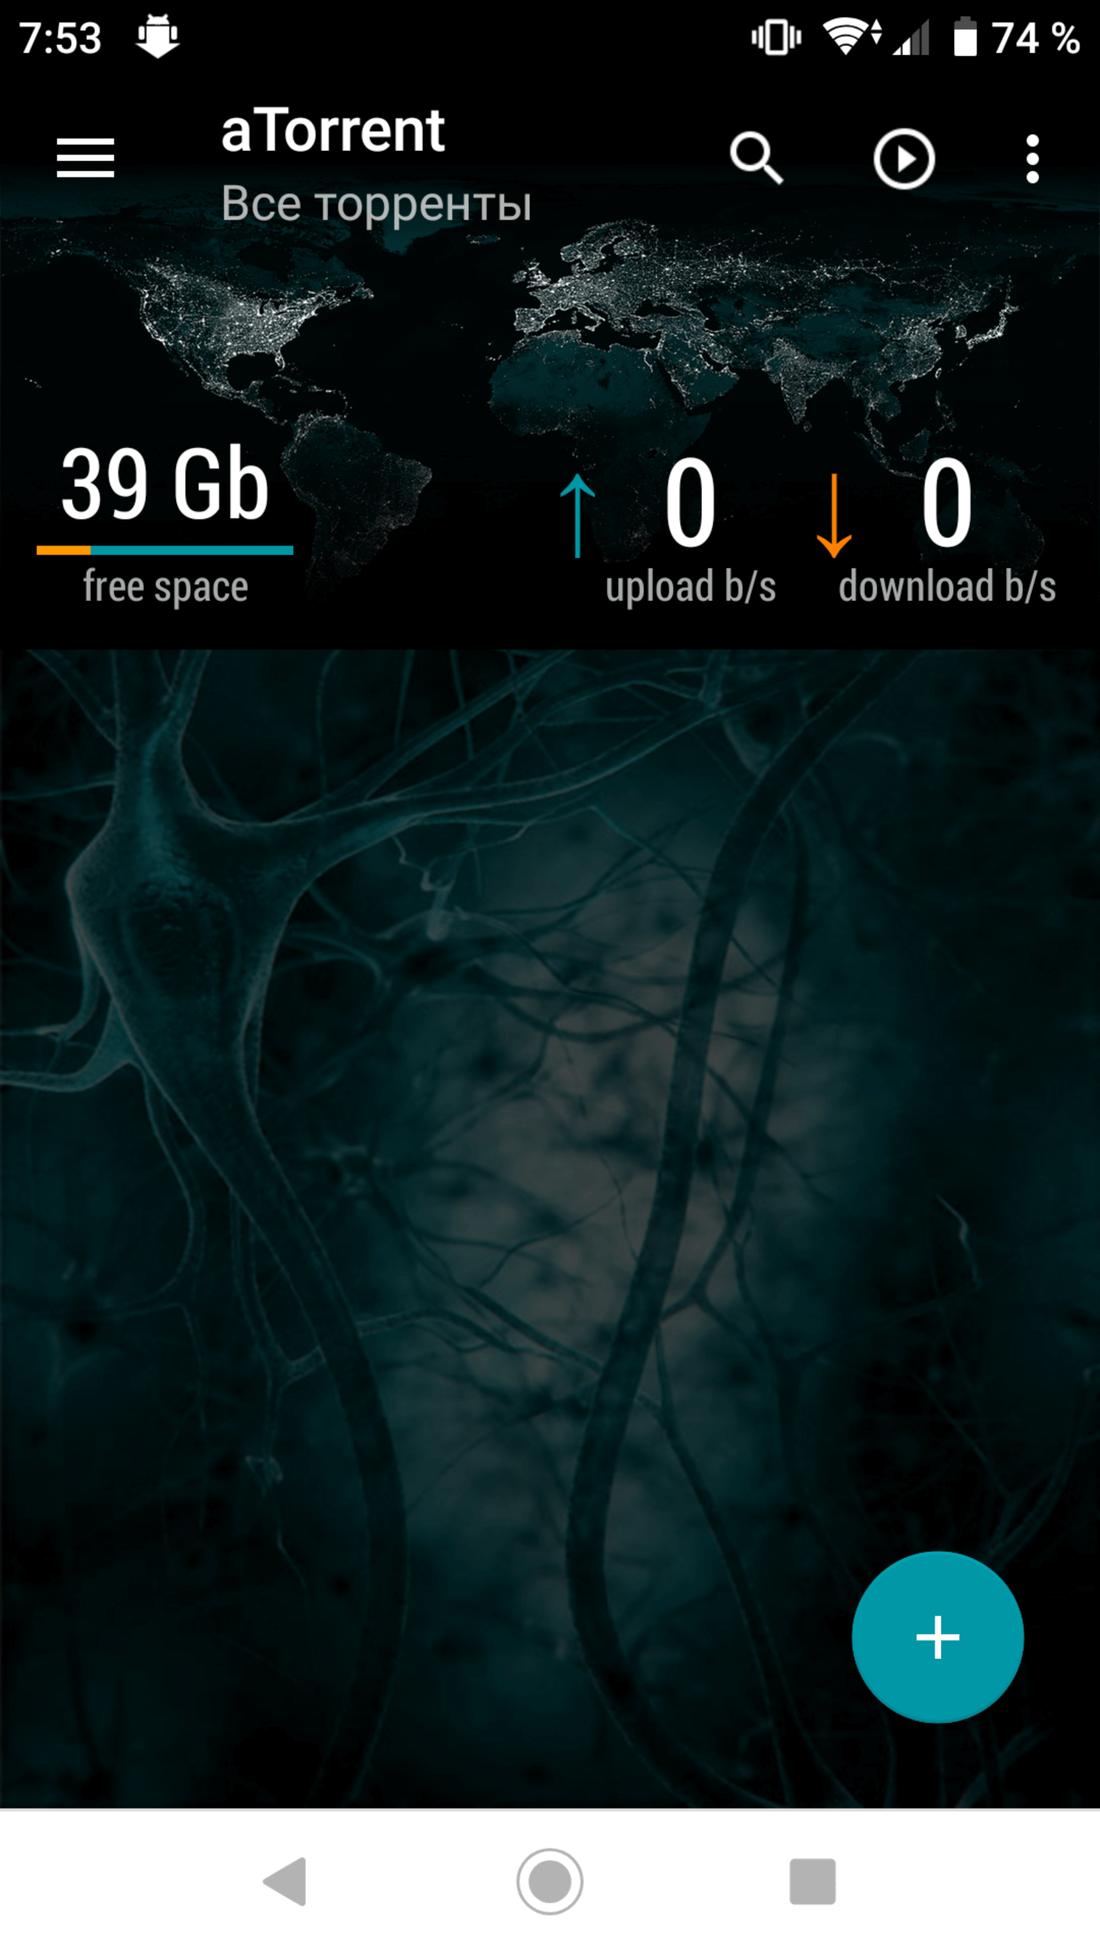 Скриншот #6 из программы aTorrent - torrent downloader